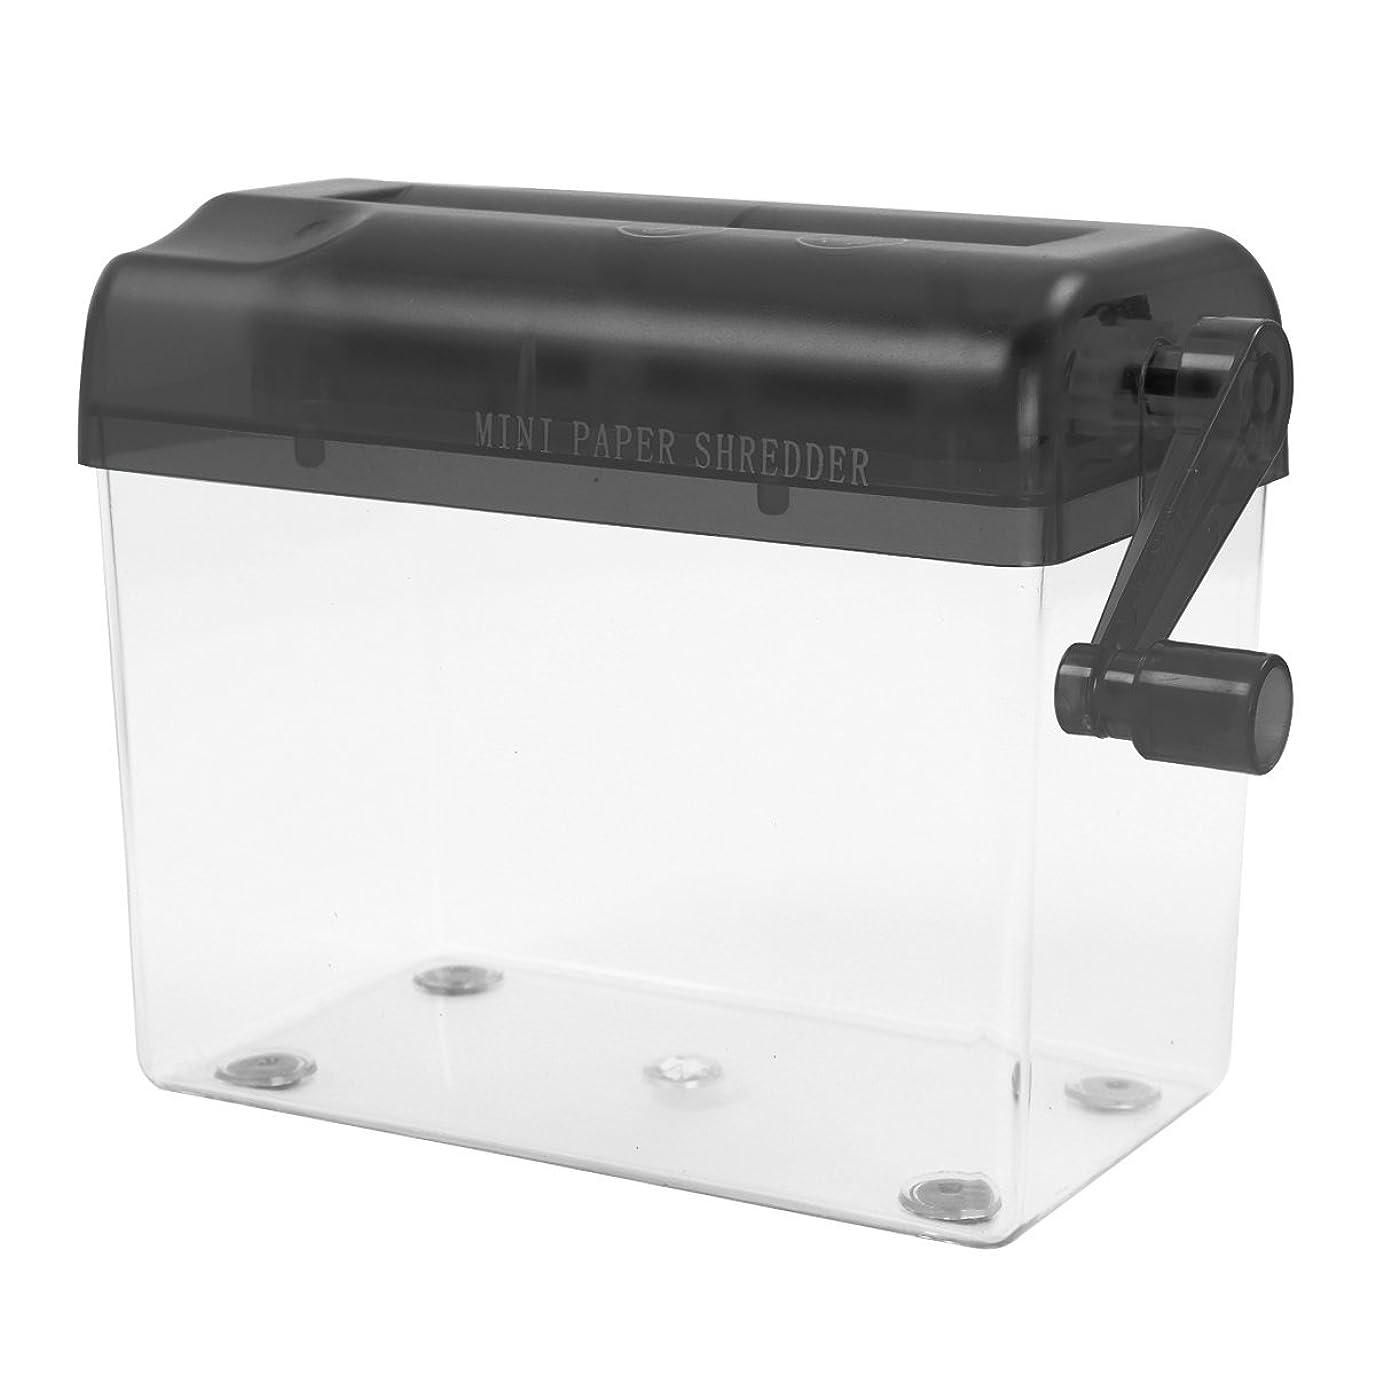 閉じ込める更新する成果Zigwin 個人情報保護 家庭用 手動 卓上 ハンドシュレッダー